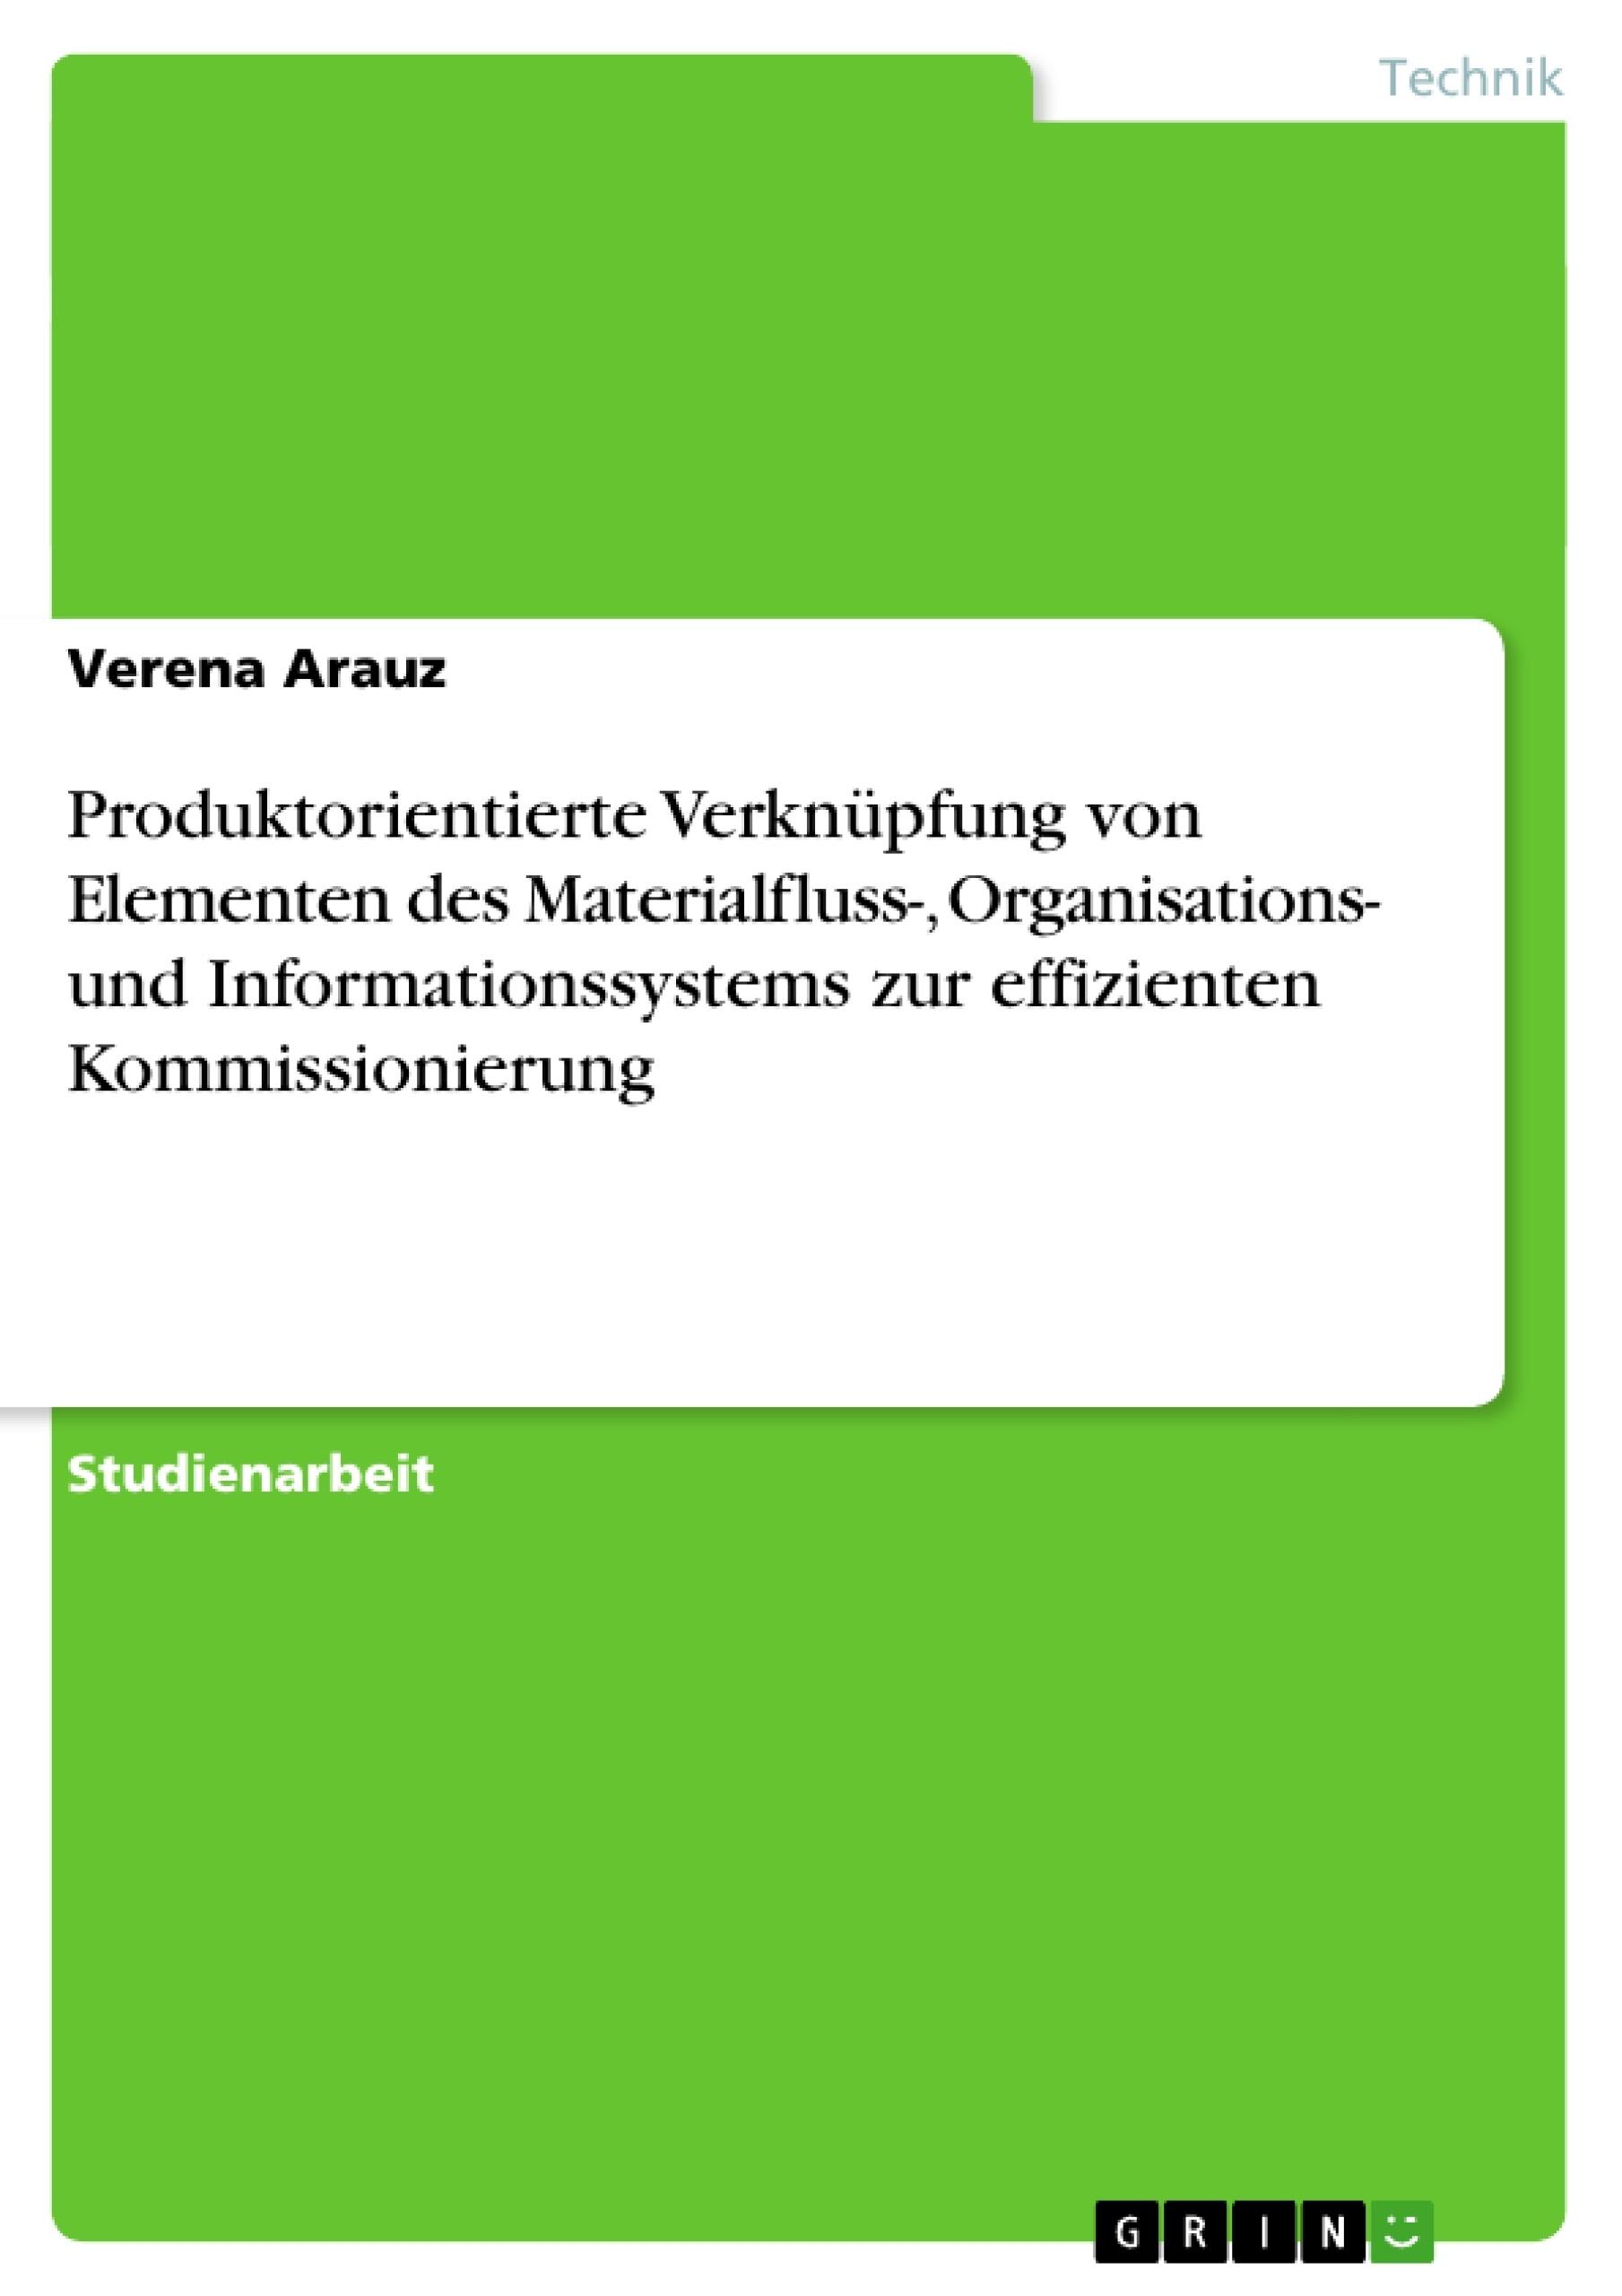 Titel: Produktorientierte Verknüpfung von Elementen des Materialfluss-, Organisations- und Informationssystems zur effizienten Kommissionierung